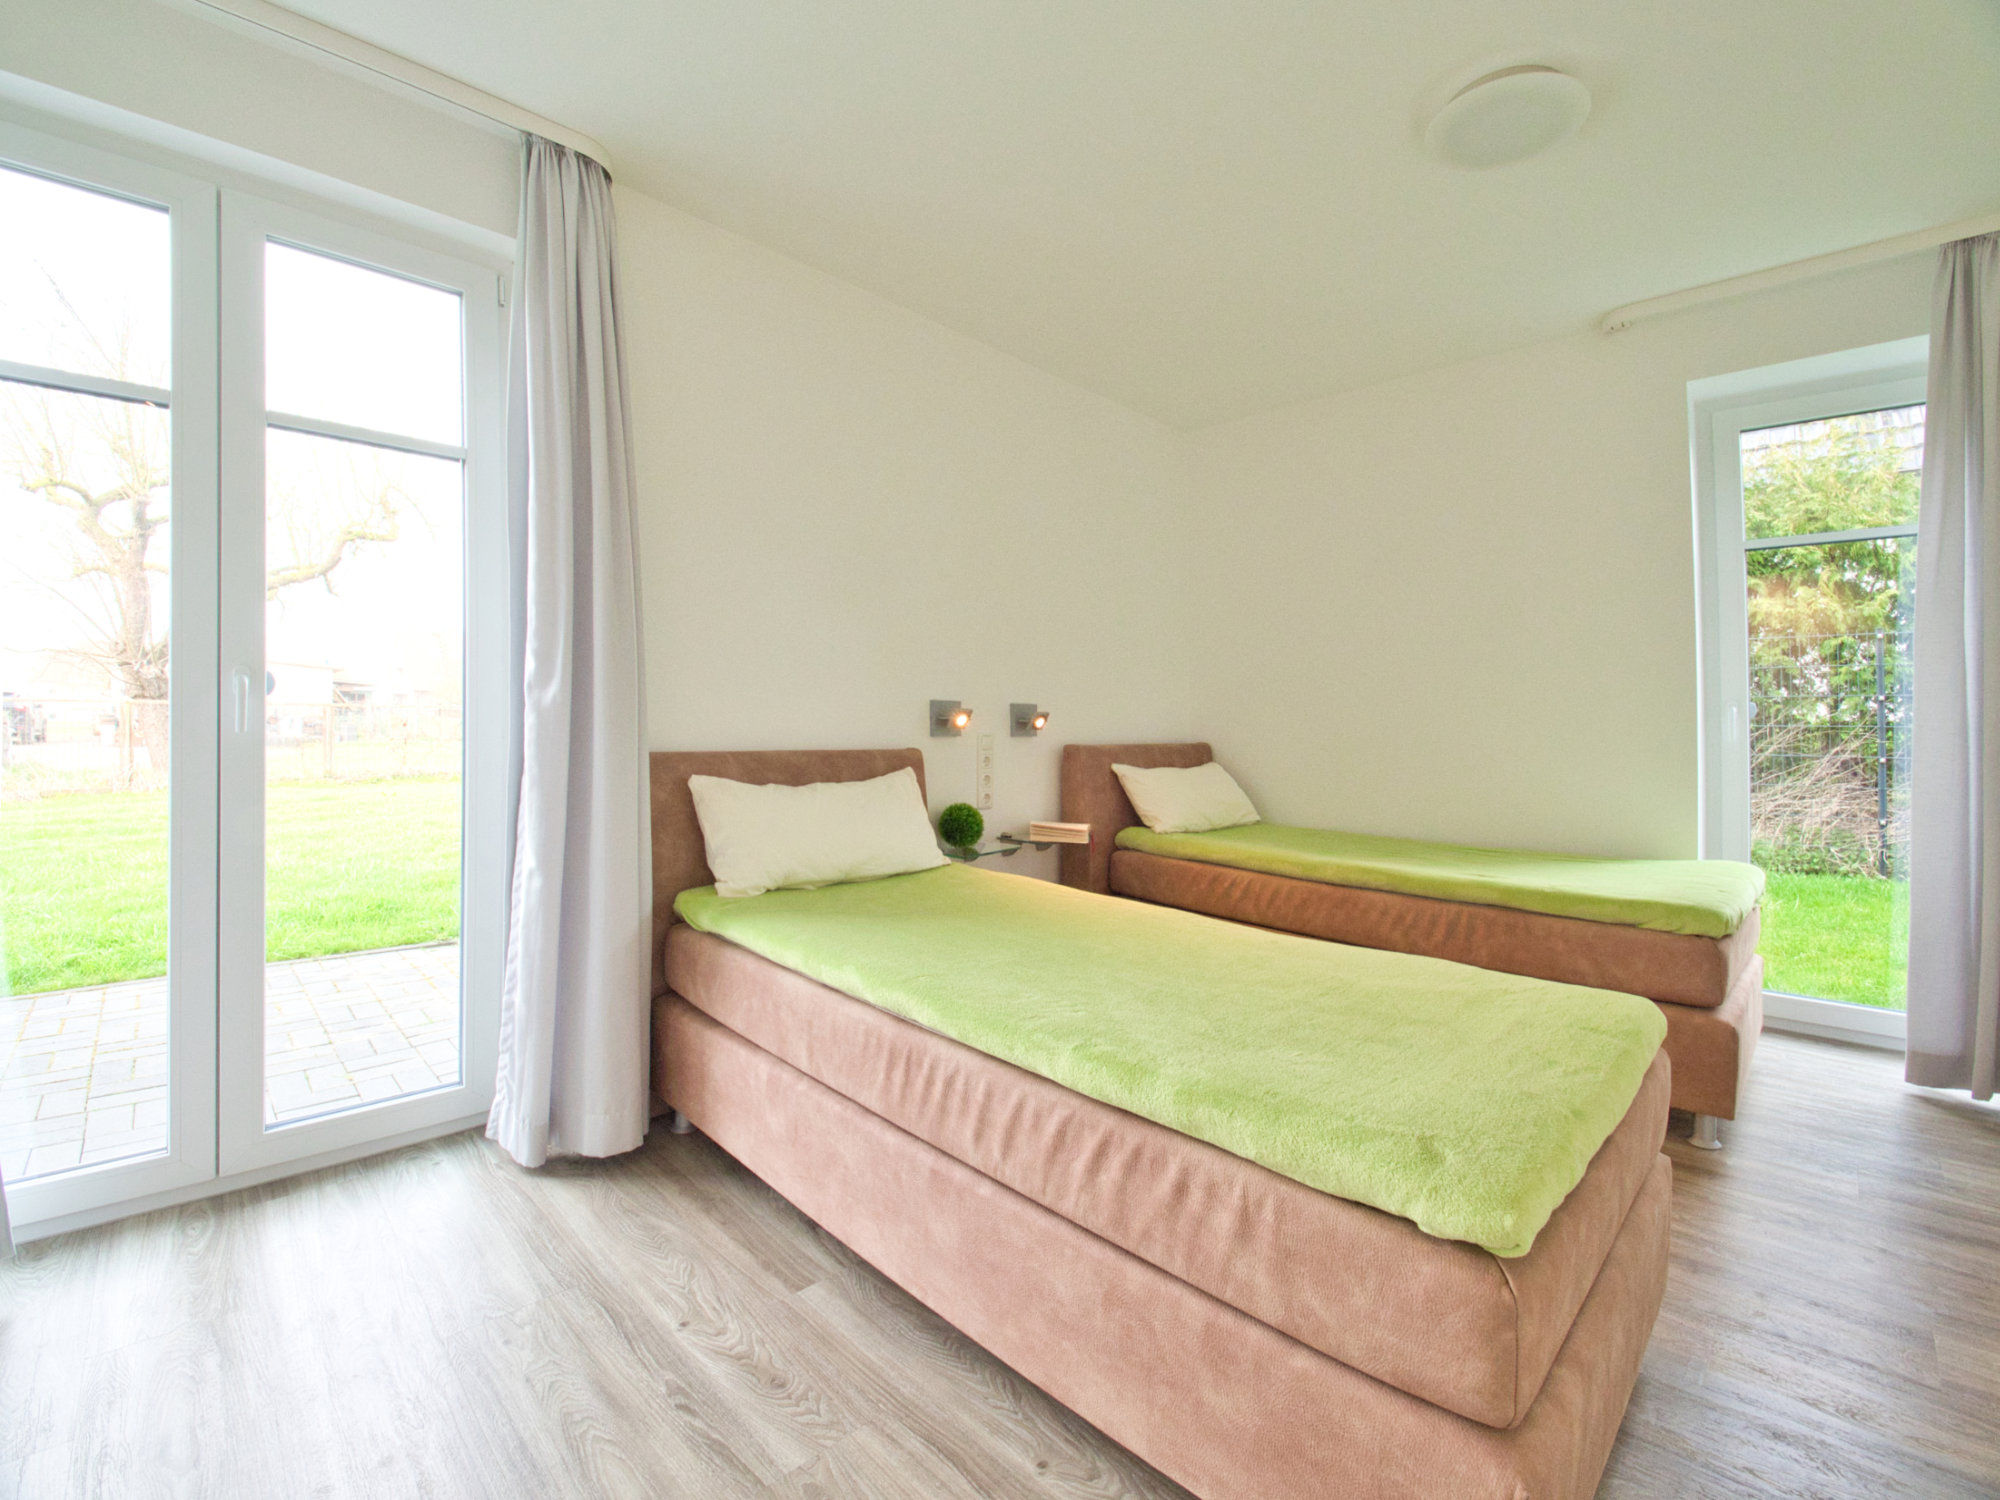 Schlafzimmer mit zwei Einzelbetten und 2 bodentiefen Fenstern